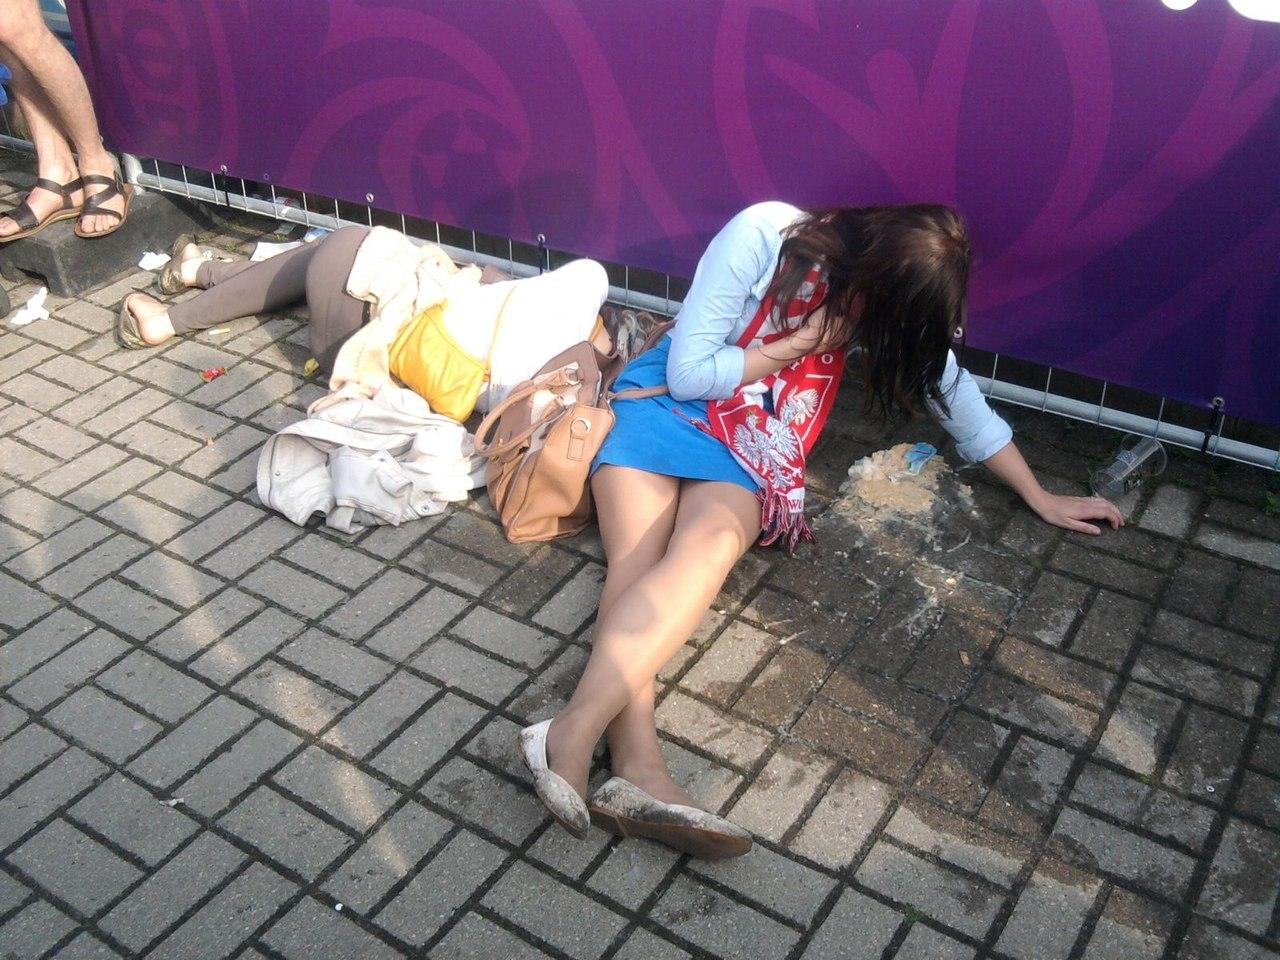 Сайт о пьяных женщинах, Фотографии Пьяные девушки 3 альбома ВКонтакте 20 фотография